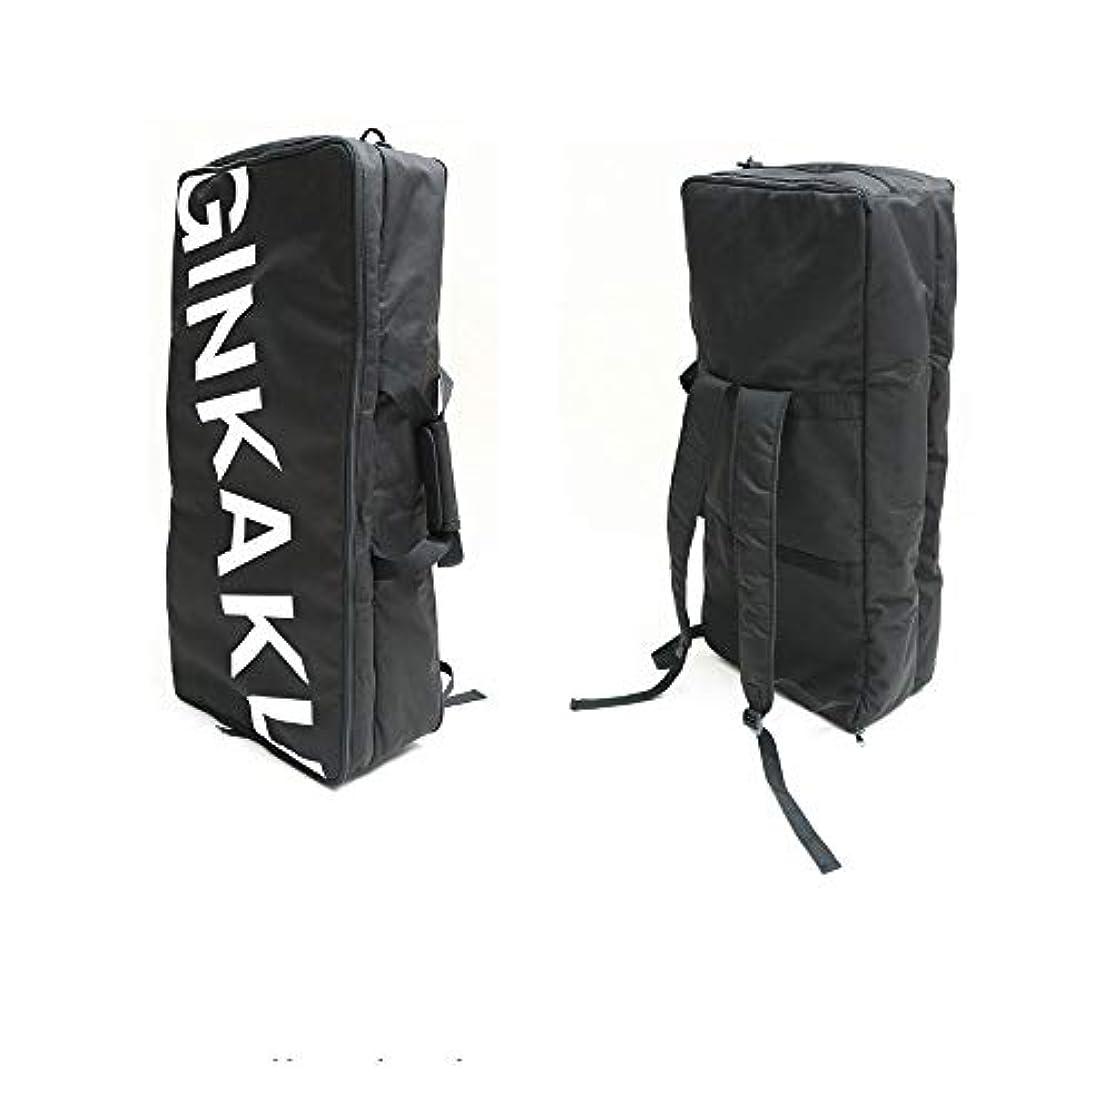 頼る物理的に小麦粉ダイワ GINKAKU オールインへらバッグ ブラック G-231 120サイズ[ginkaku-073431]